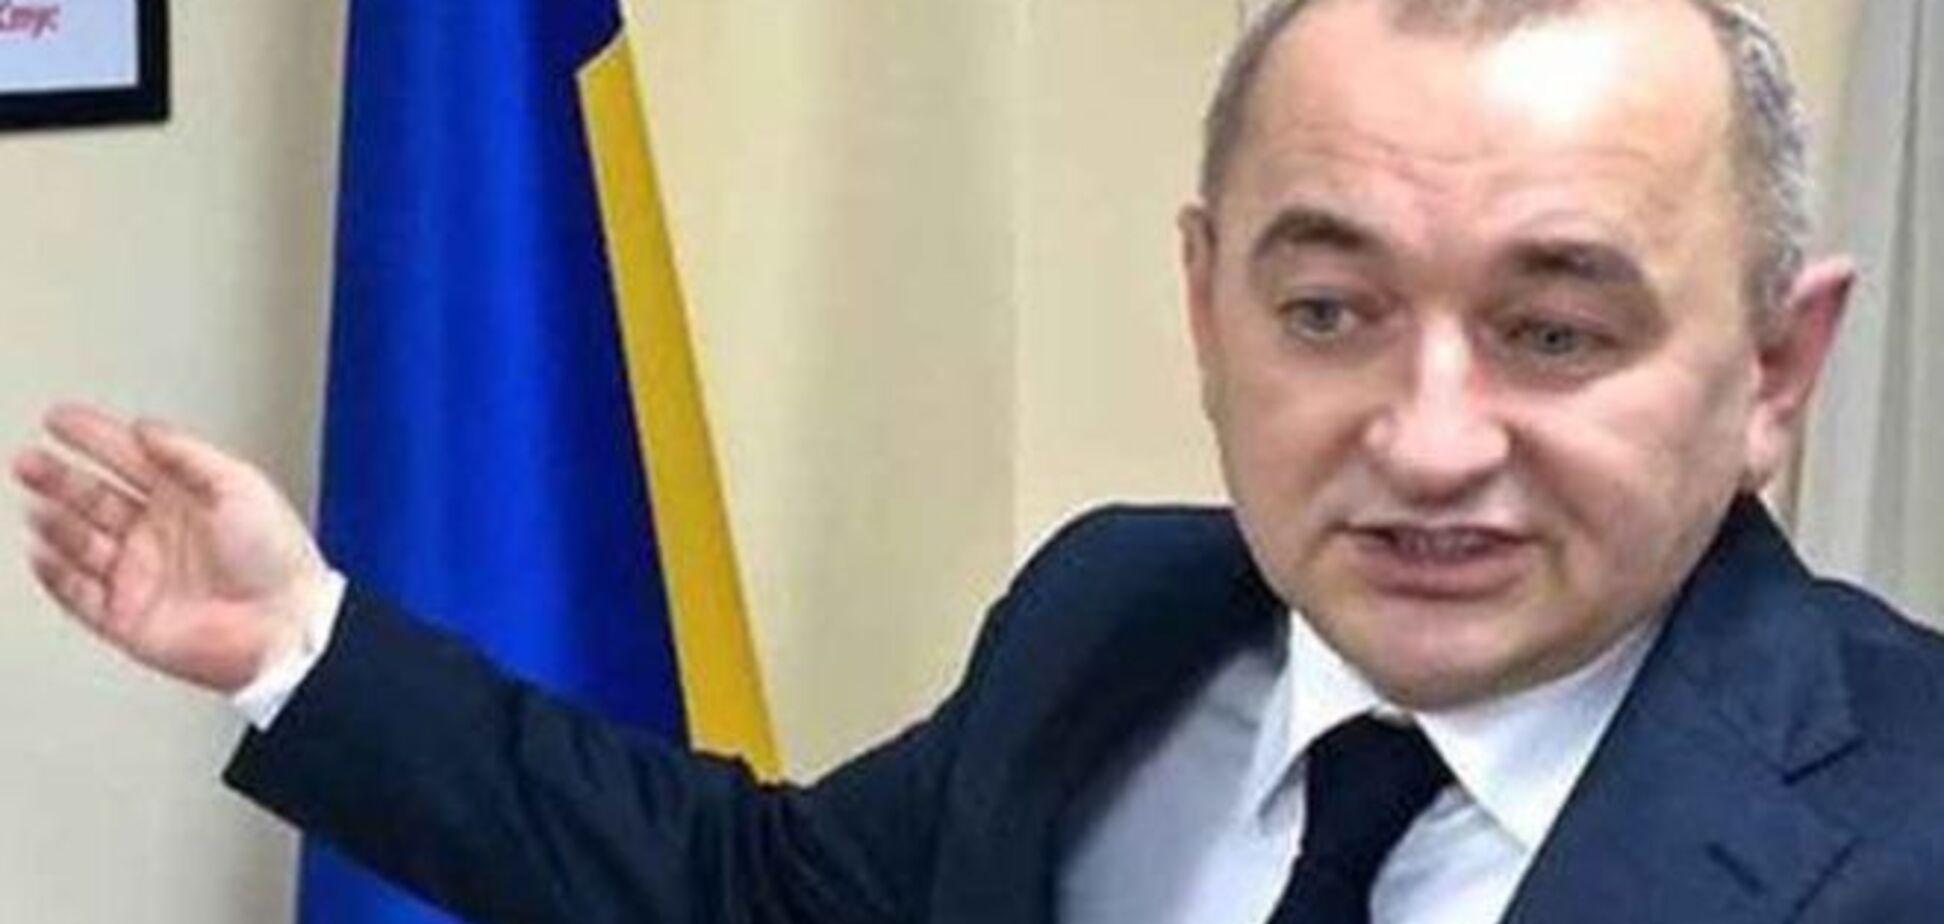 Подполковнику СБУ грозит 15 лет за сотрудничество с террористами